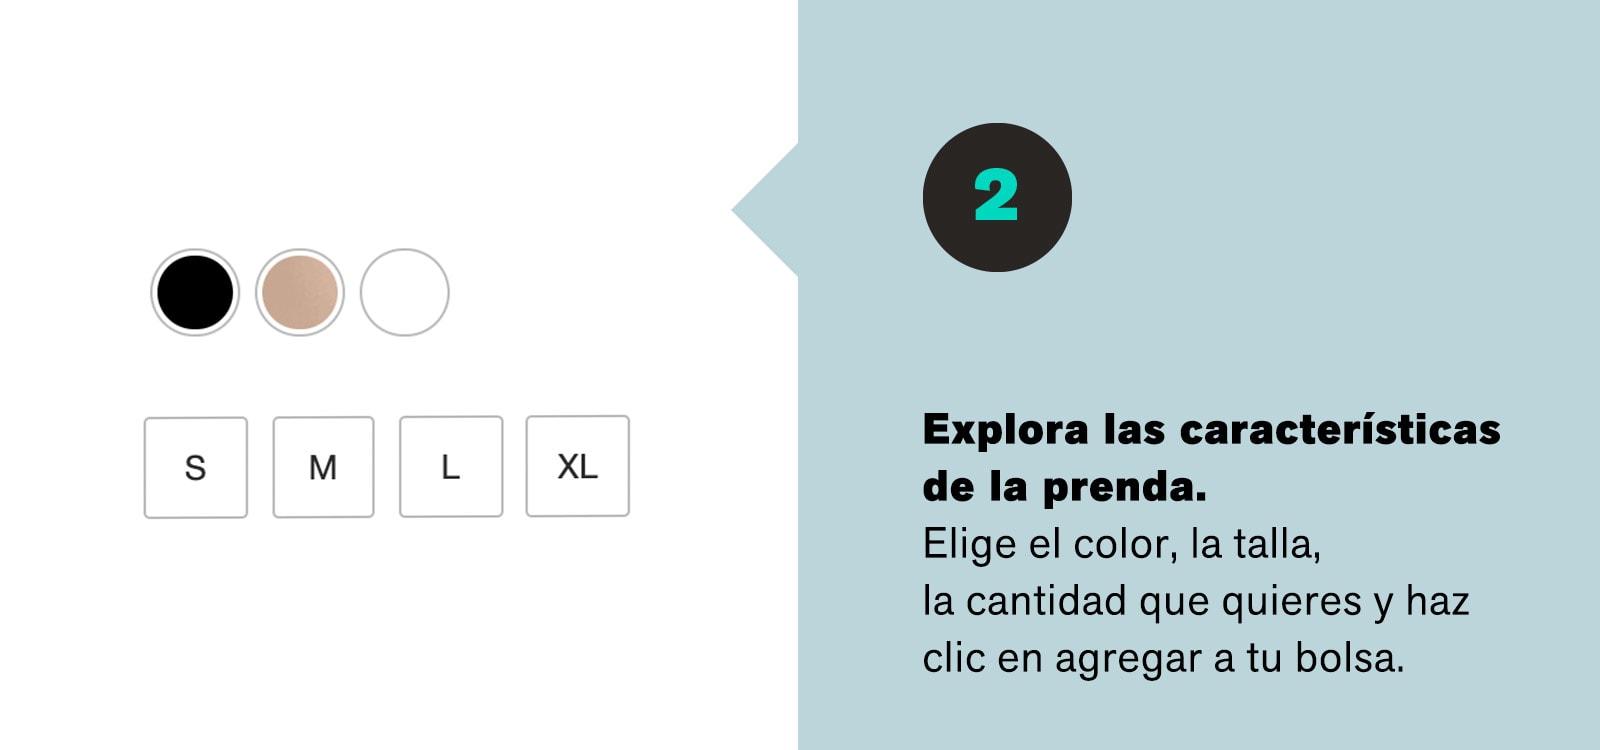 Cómo comprar online Paso 2 - Leonisa